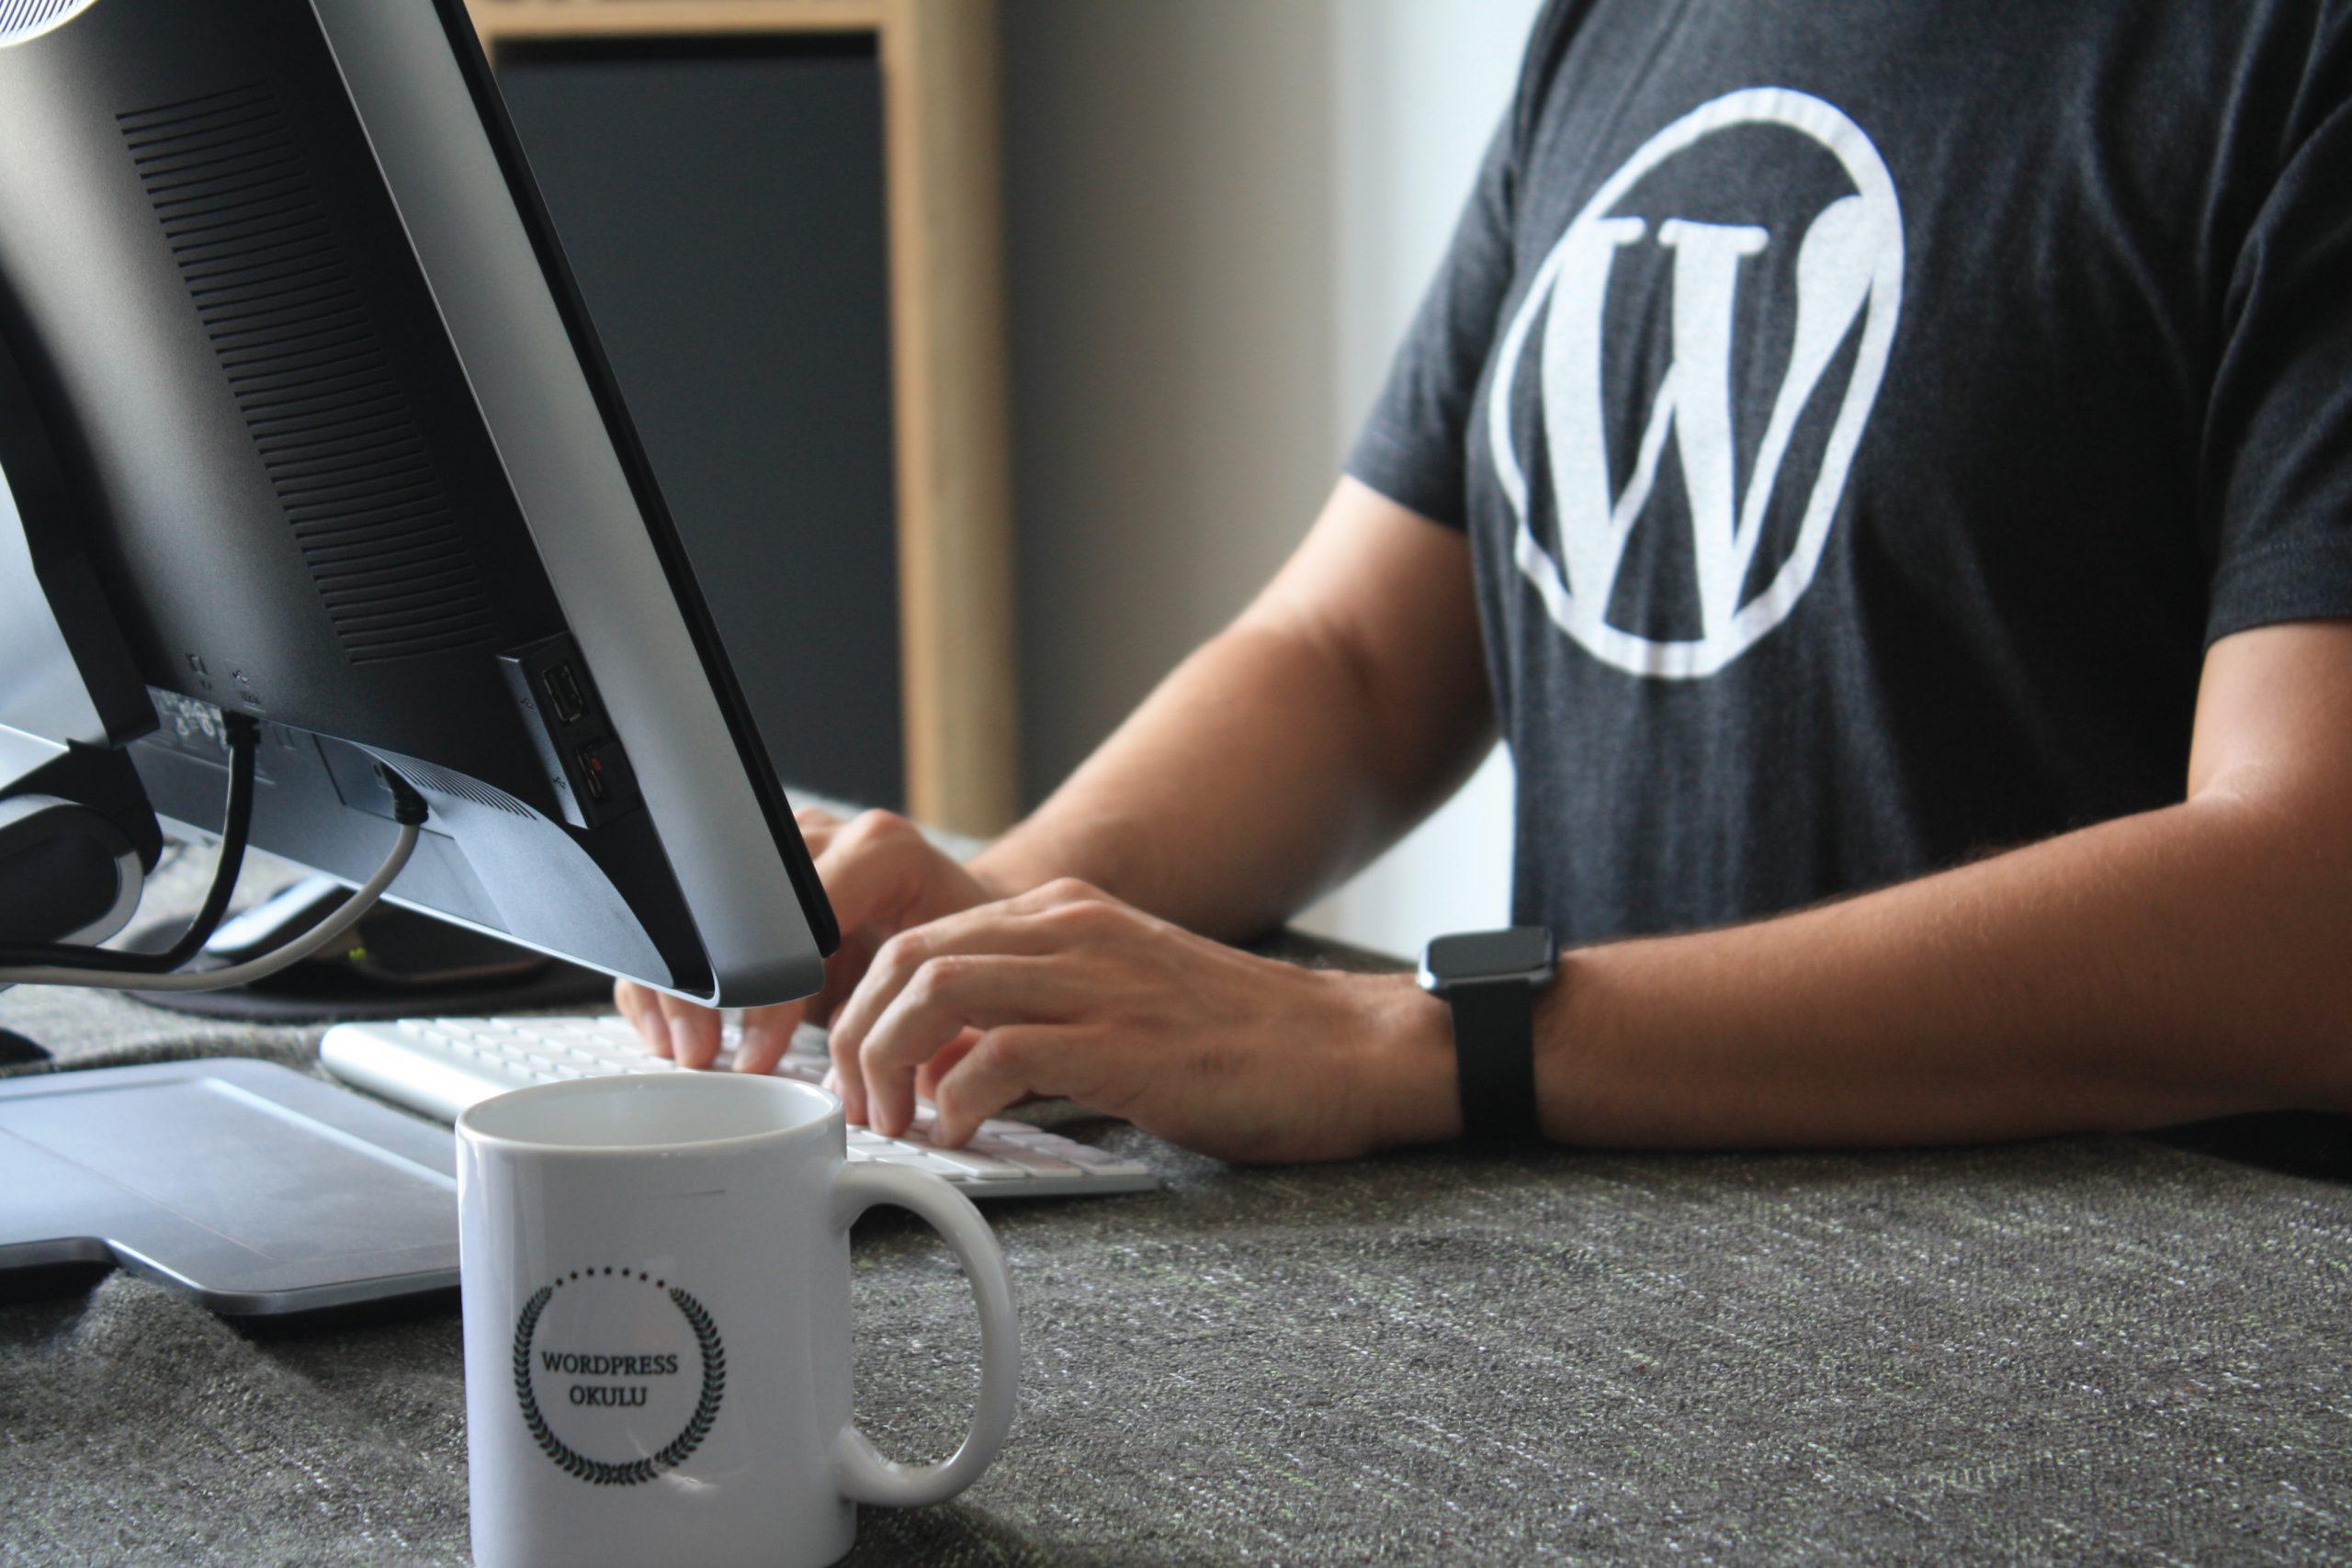 Kāpēc izvēlēties WordPress mājaslapu?